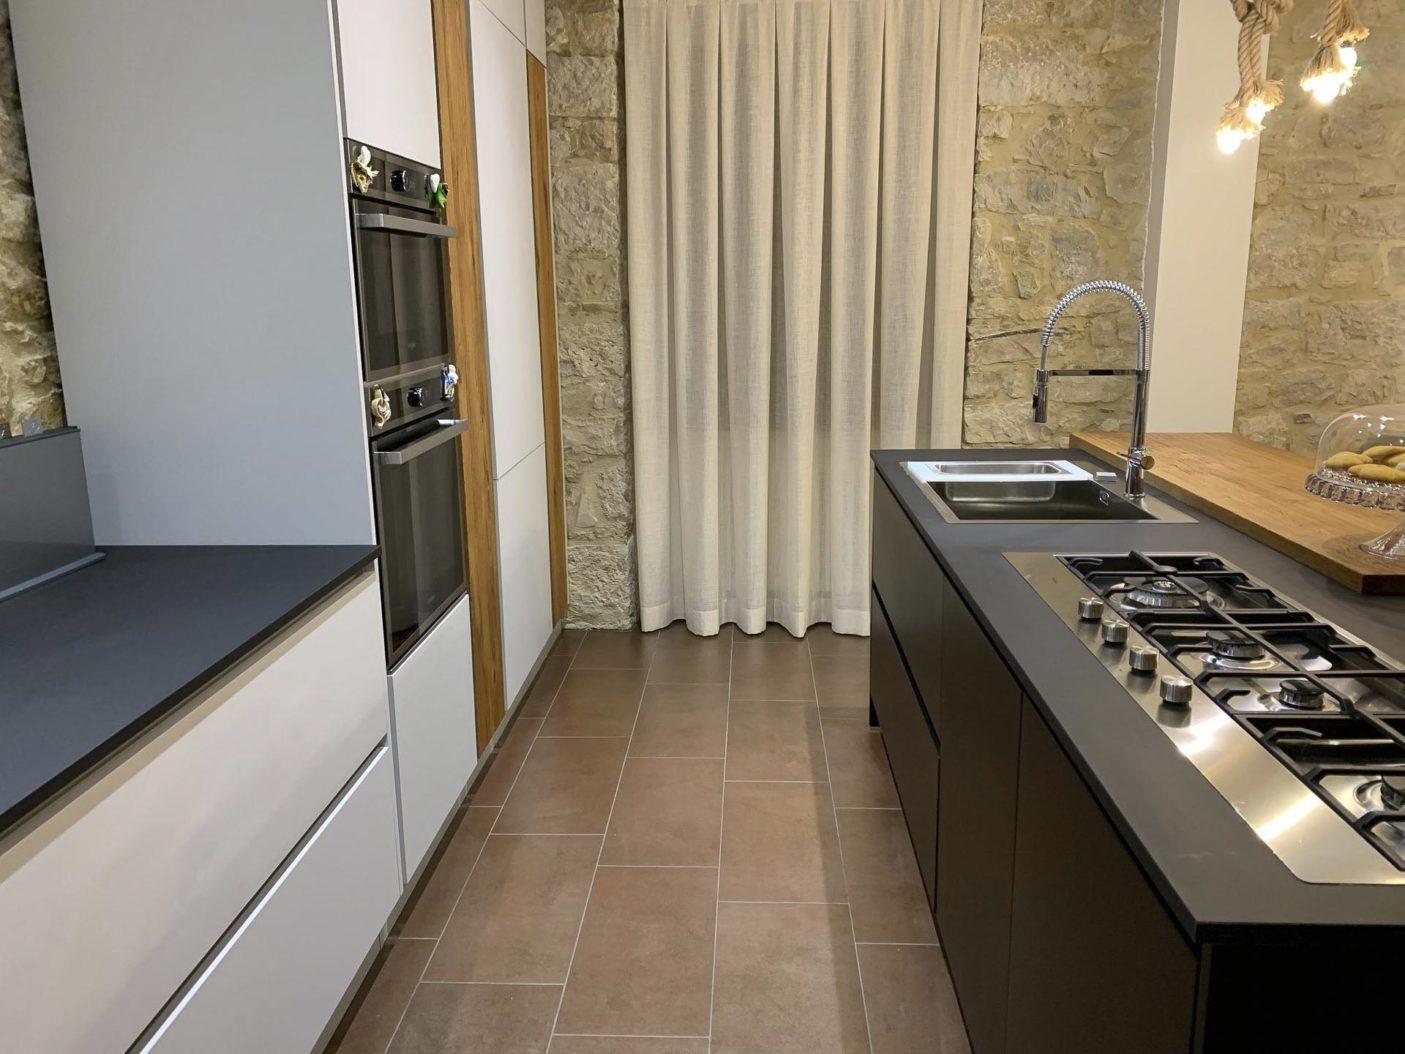 Cucina-personalizzata-Lyons-Domus-Arte8.jpg